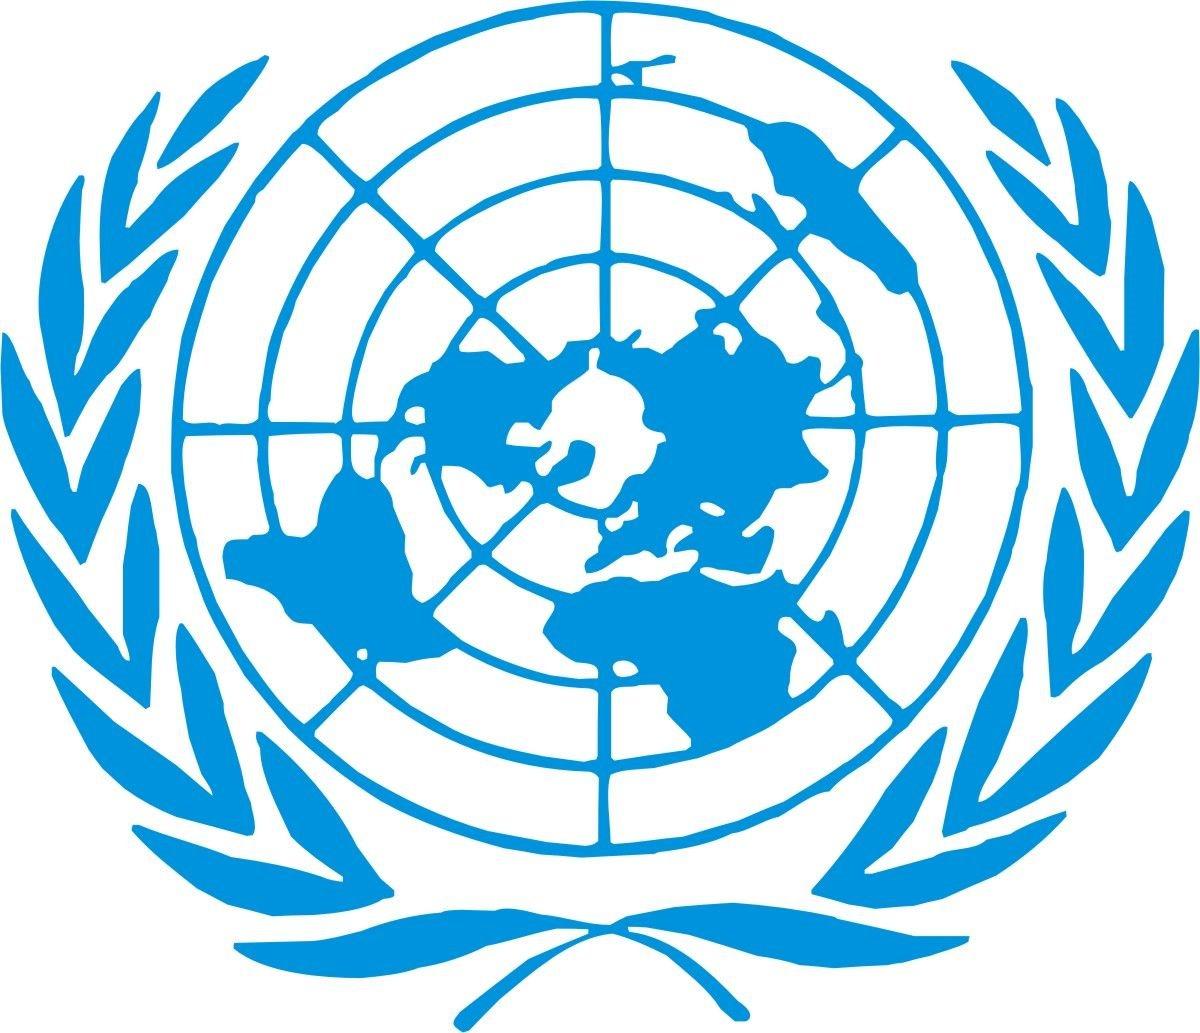 مكتب الأمم المتحدة لخدمات المشاريع: توظيف مساعد مالى ببني ملال. آخر أجل هو 16 دجنبر 2012